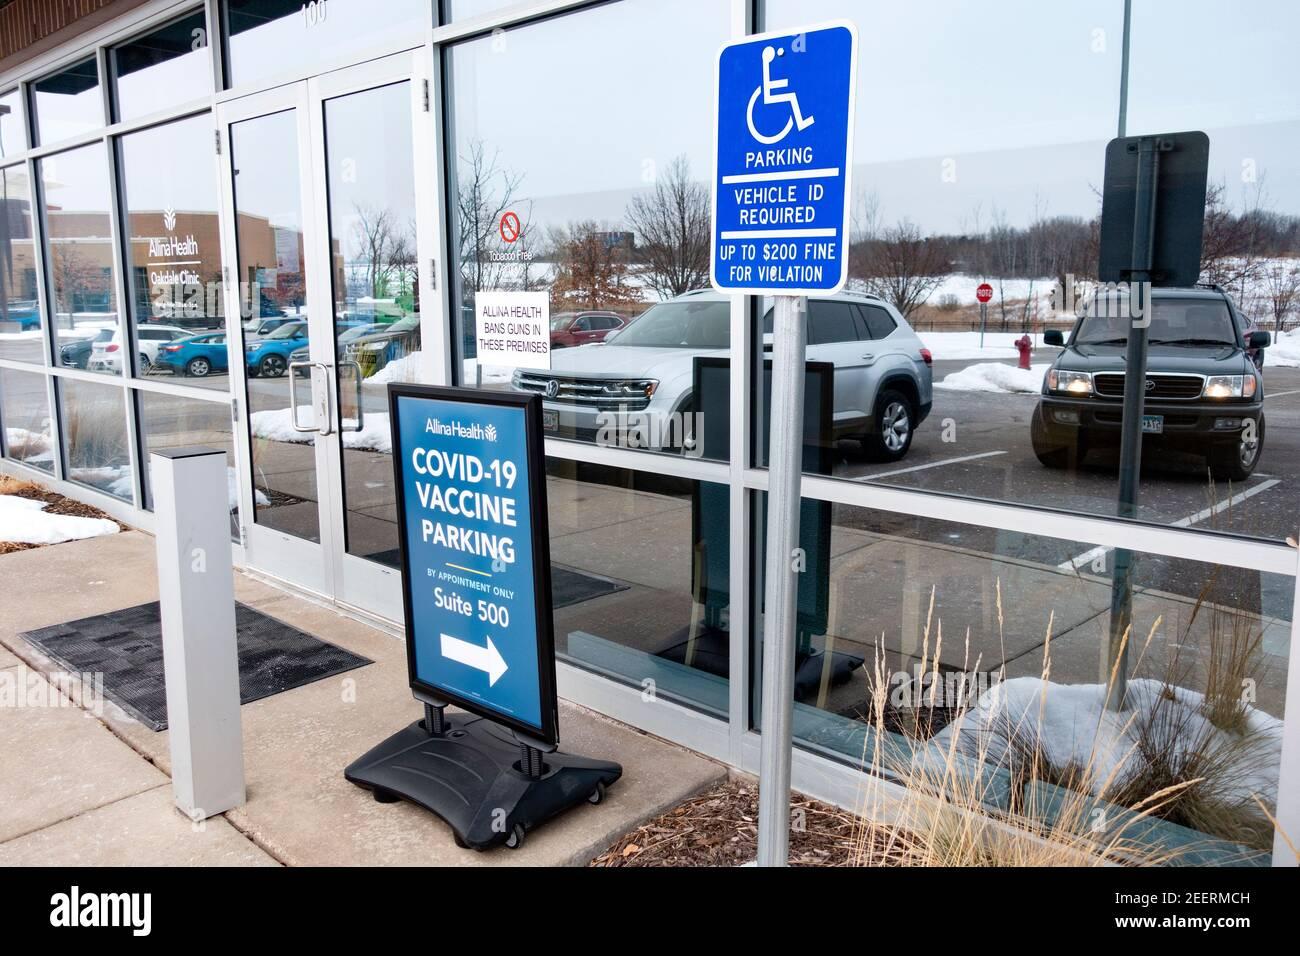 Alina Health Oakdale Clinic, señal de ubicación y dirección para la vacuna Covid-19 junto con la señal de estacionamiento para discapacitados. Oakdale Minnesota Minnesota, Minnesota, EE.UU Foto de stock